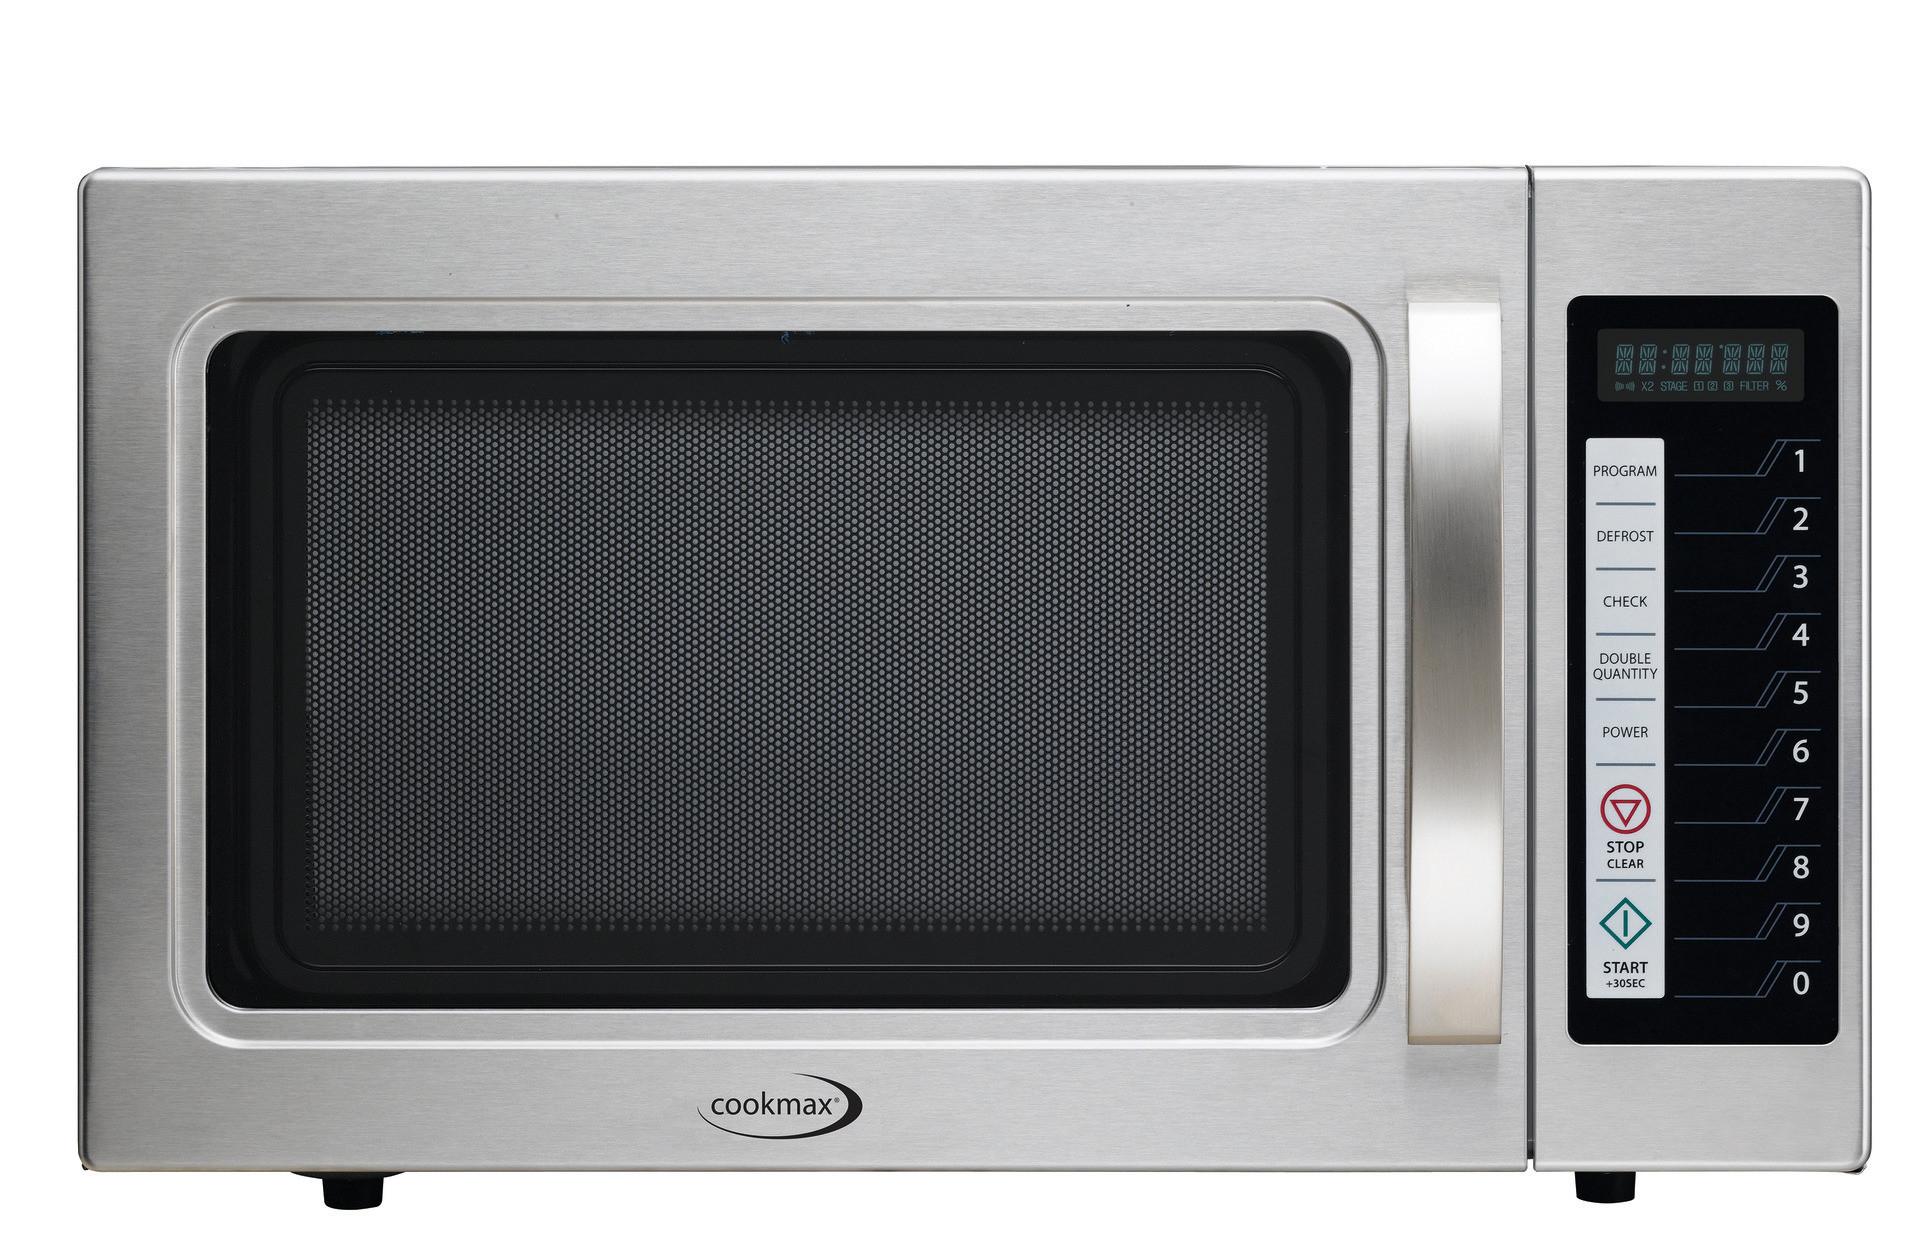 Gewerbe-Mikrowelle, Automatik, 1.000 W, 29 l 542 x 461 x 330 mm